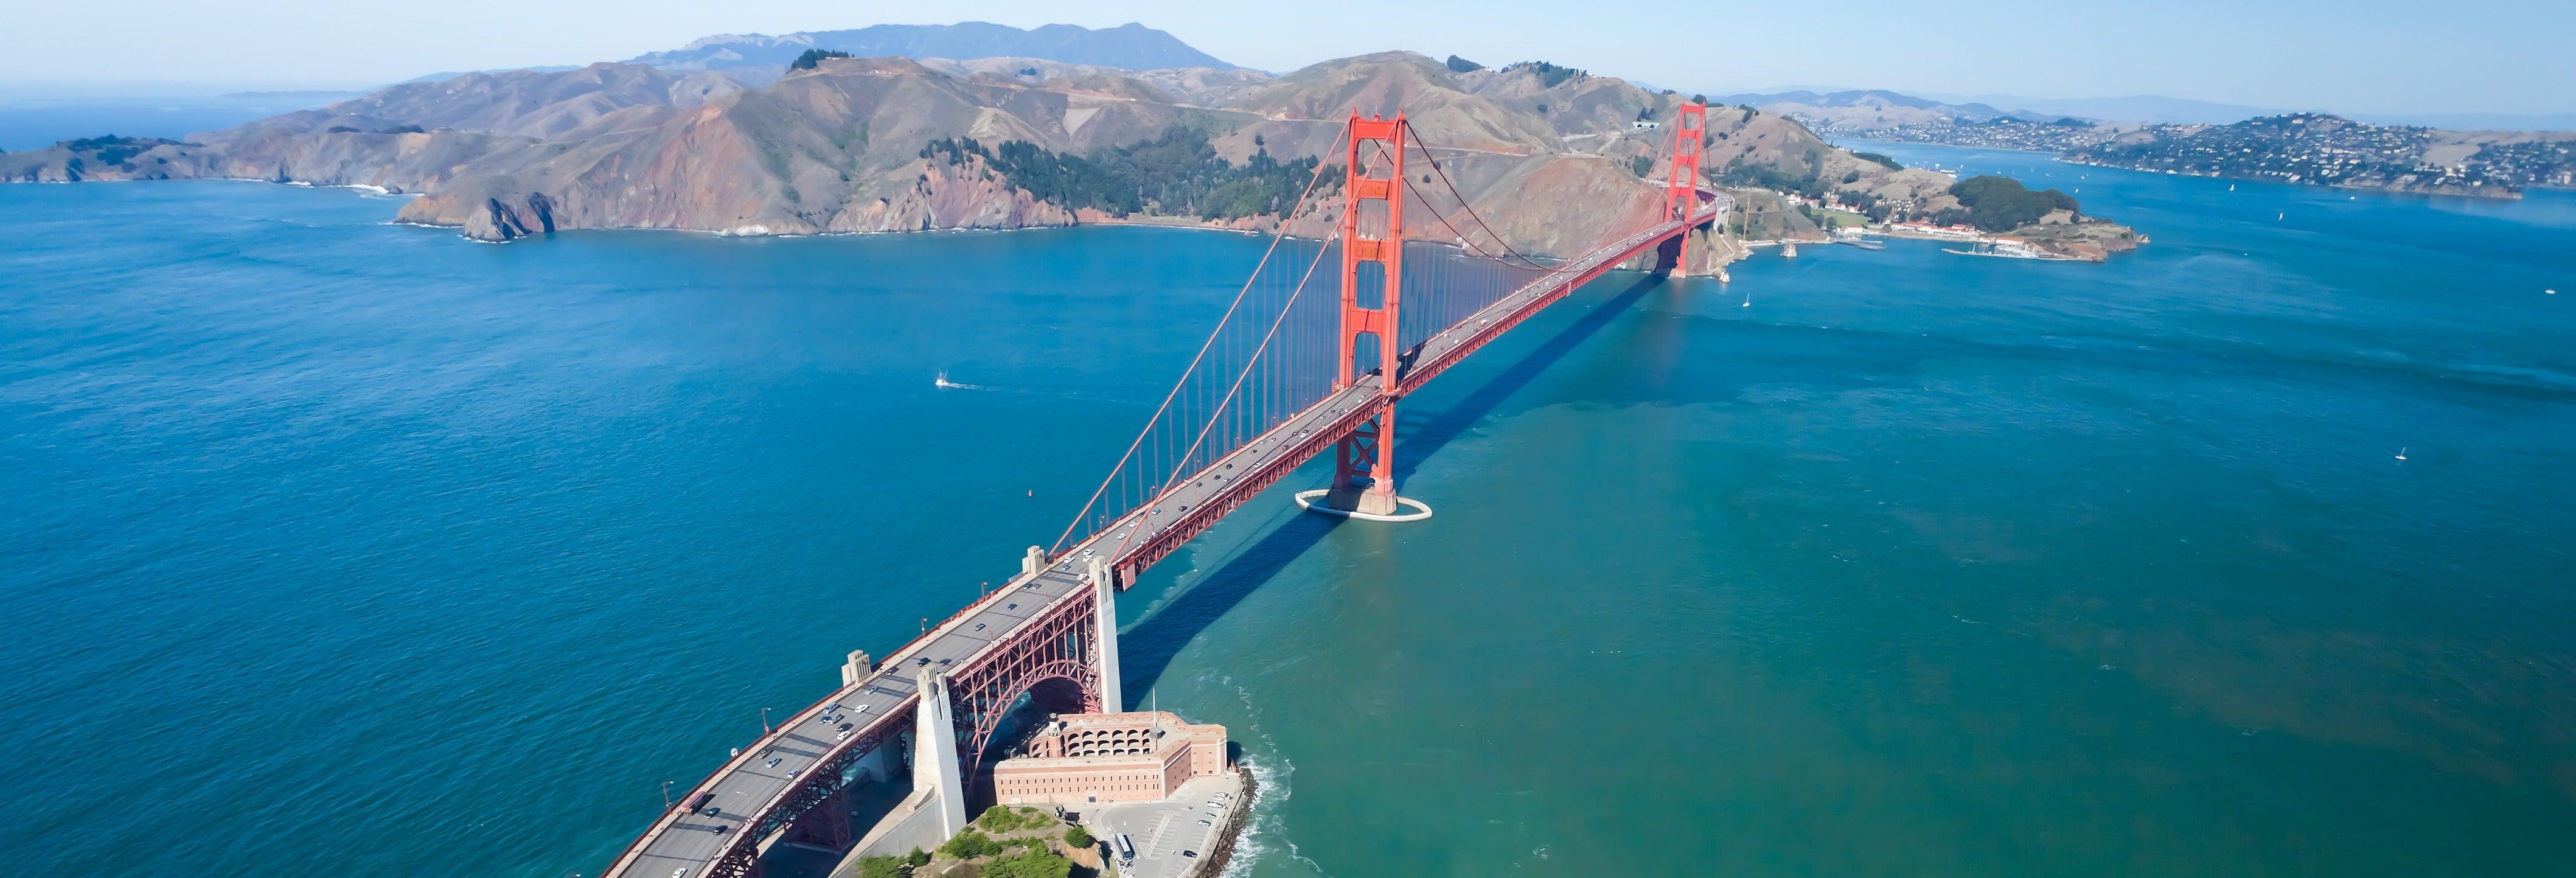 Balade en hydravion sur la baie de San Francisco